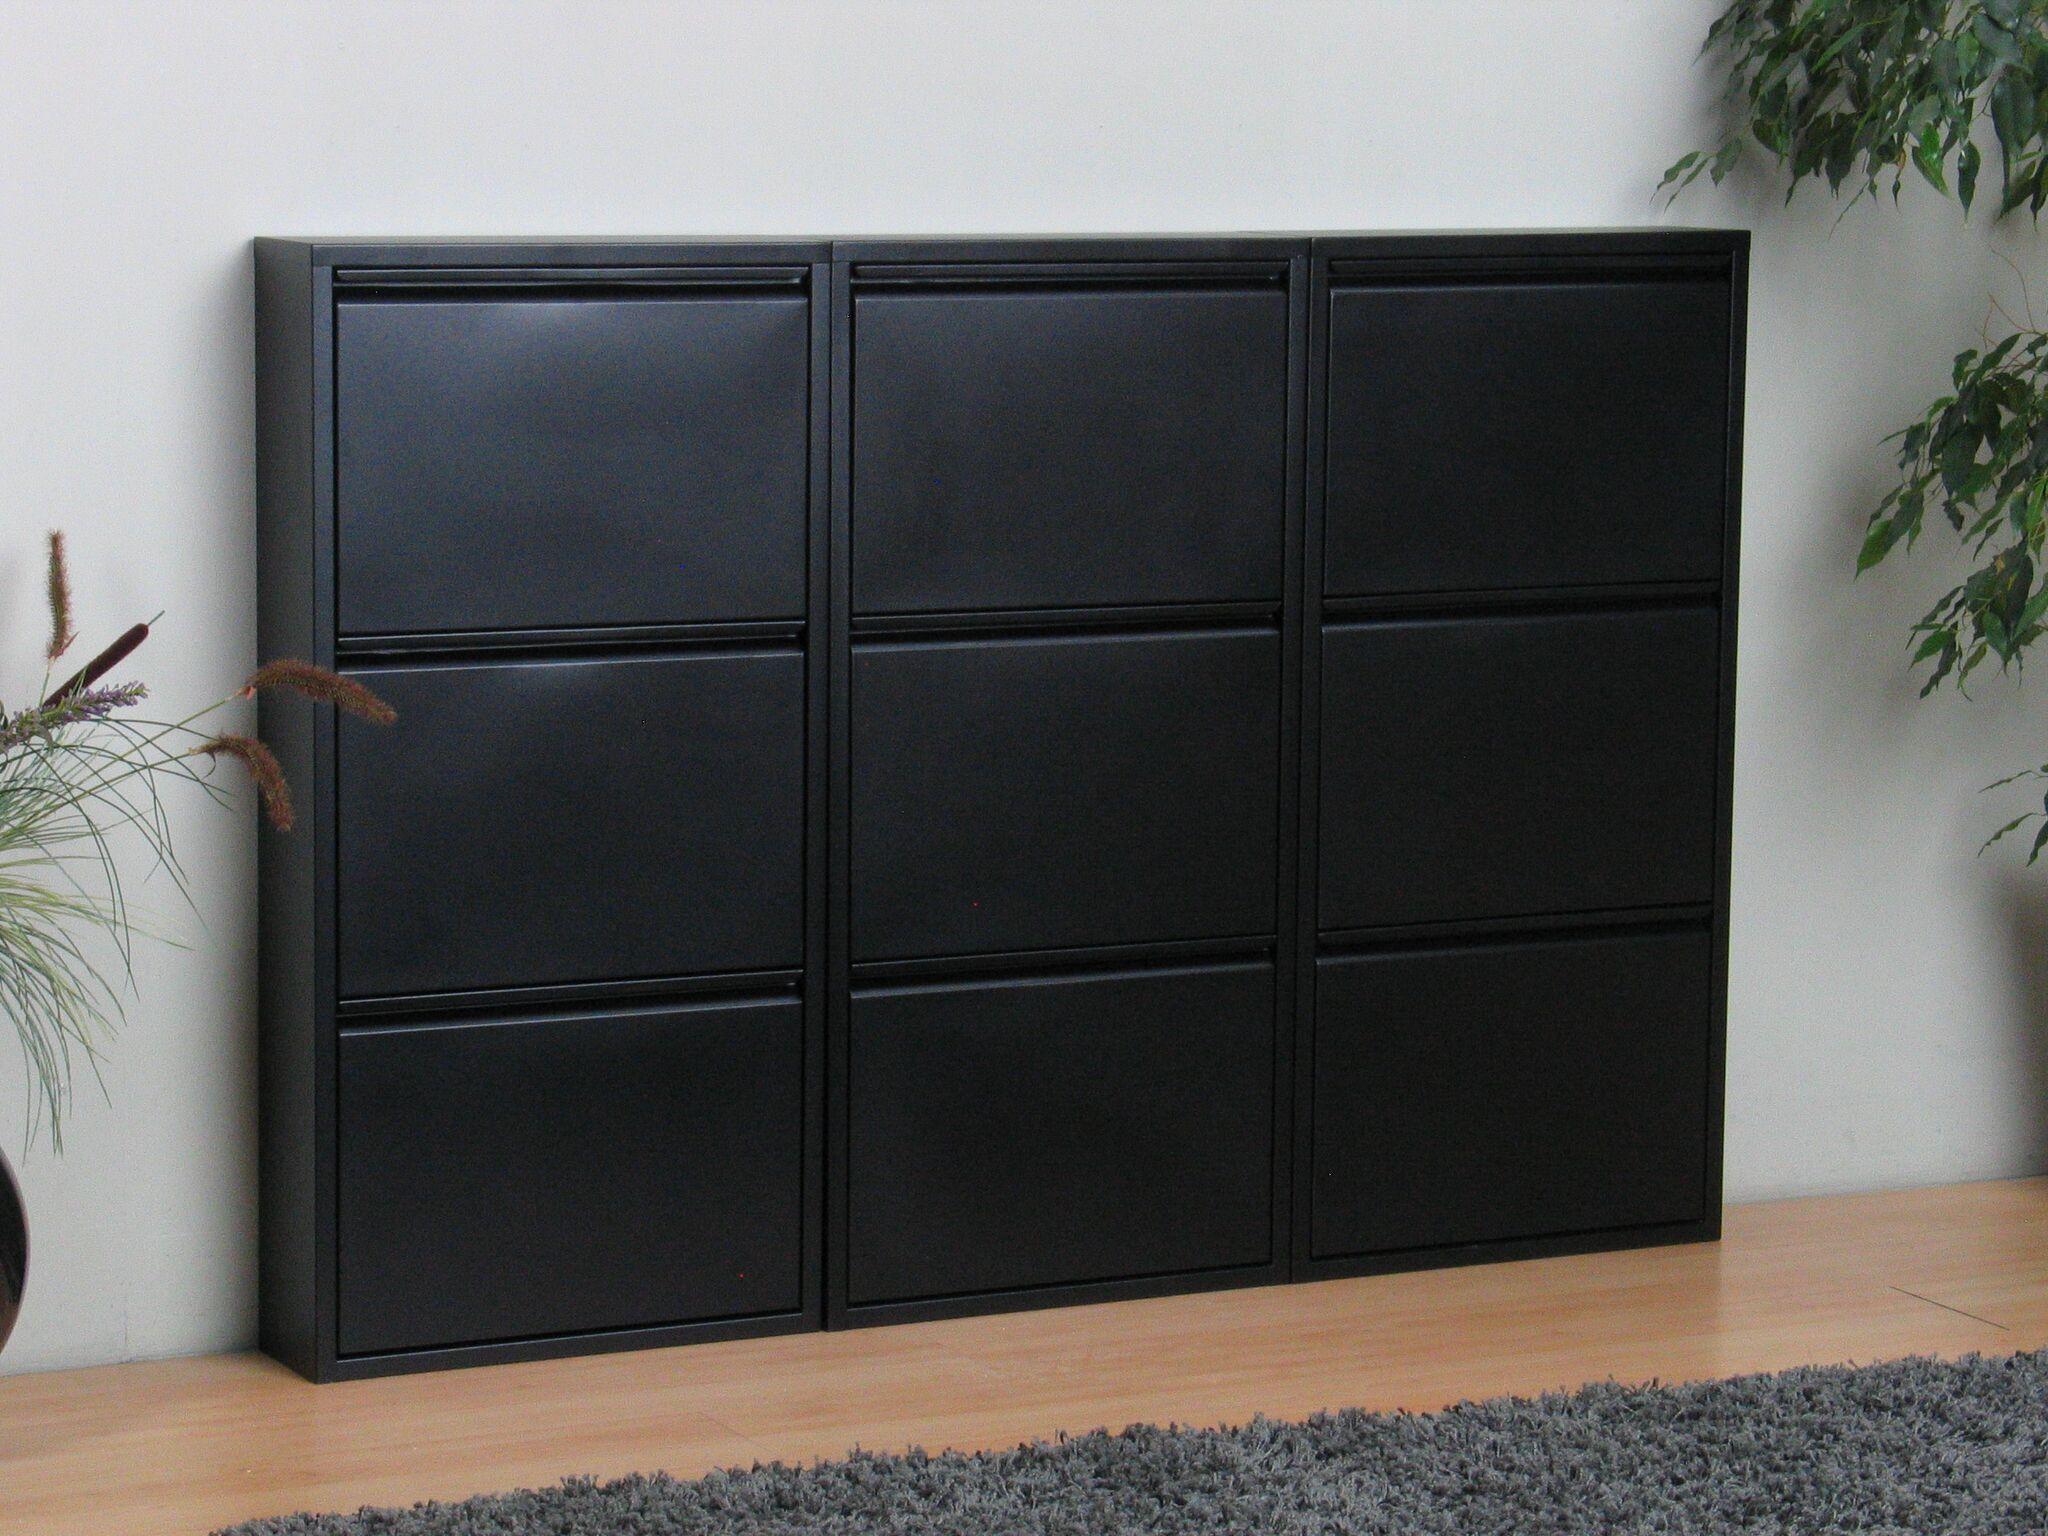 schrank garage with schrank garage simple wandregal with schrank garage good groen schrank. Black Bedroom Furniture Sets. Home Design Ideas